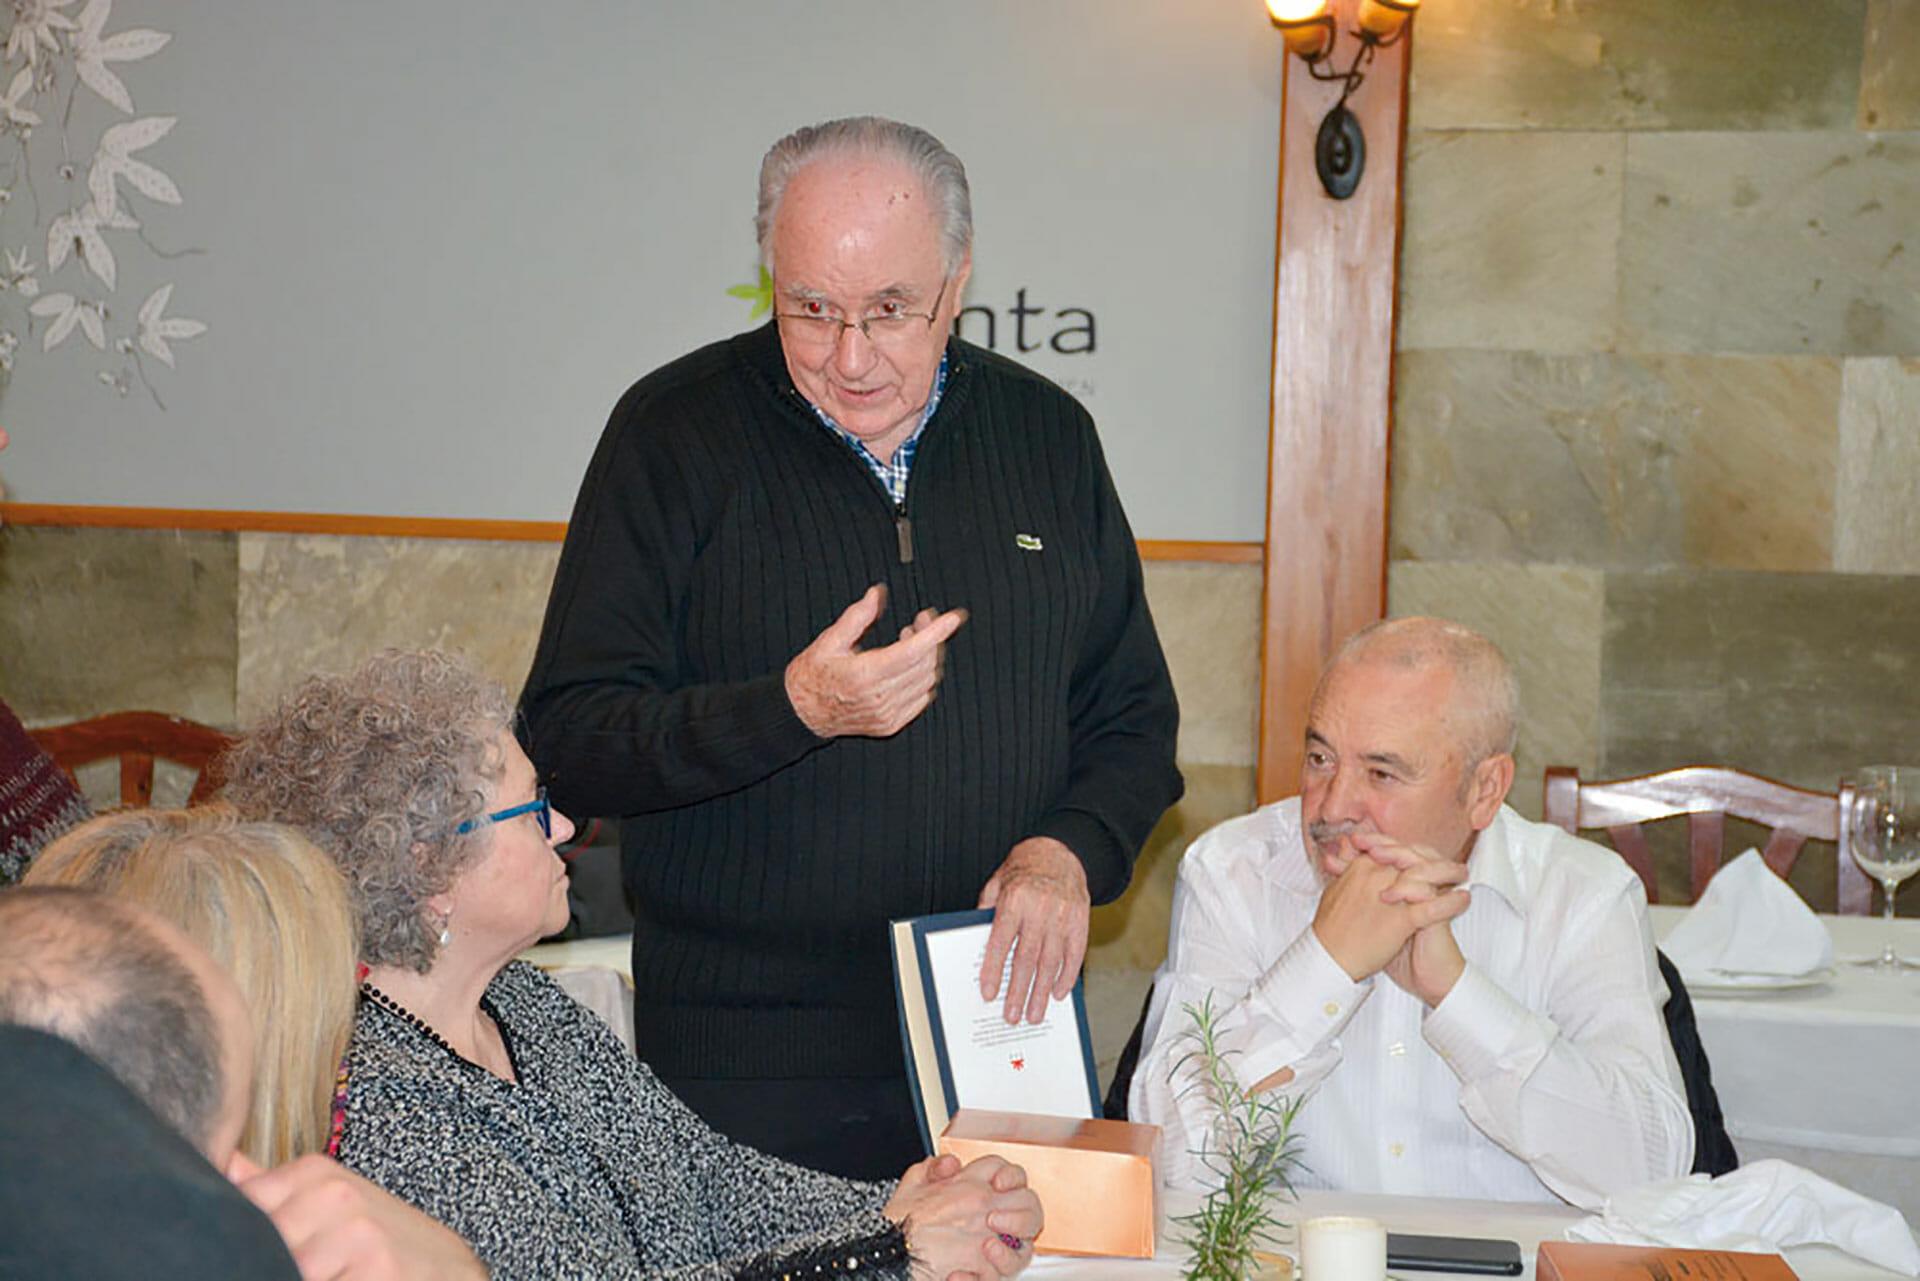 Jose Antonio Pagola Teologo Txantxangorri Aldizkaria